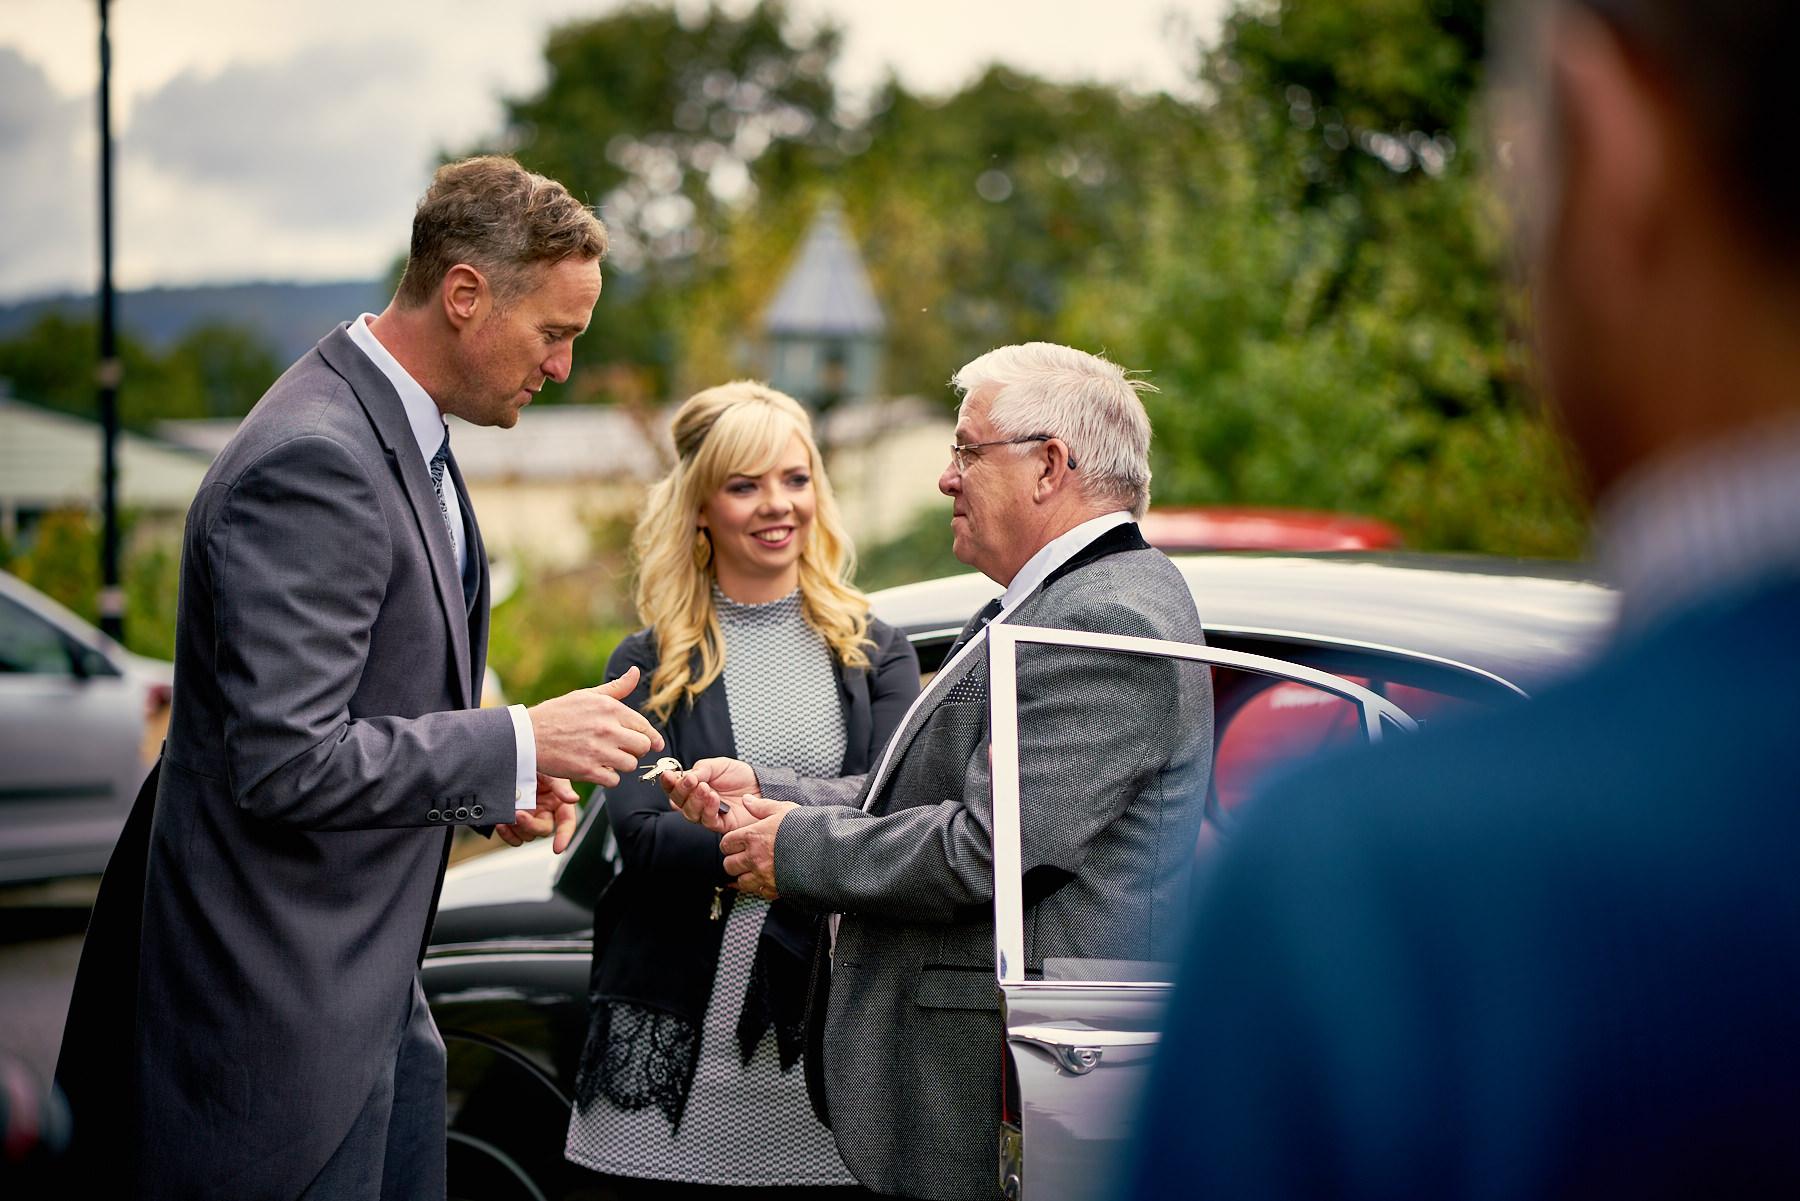 Maenan-Abbey-Wedding-Car-SOS_16